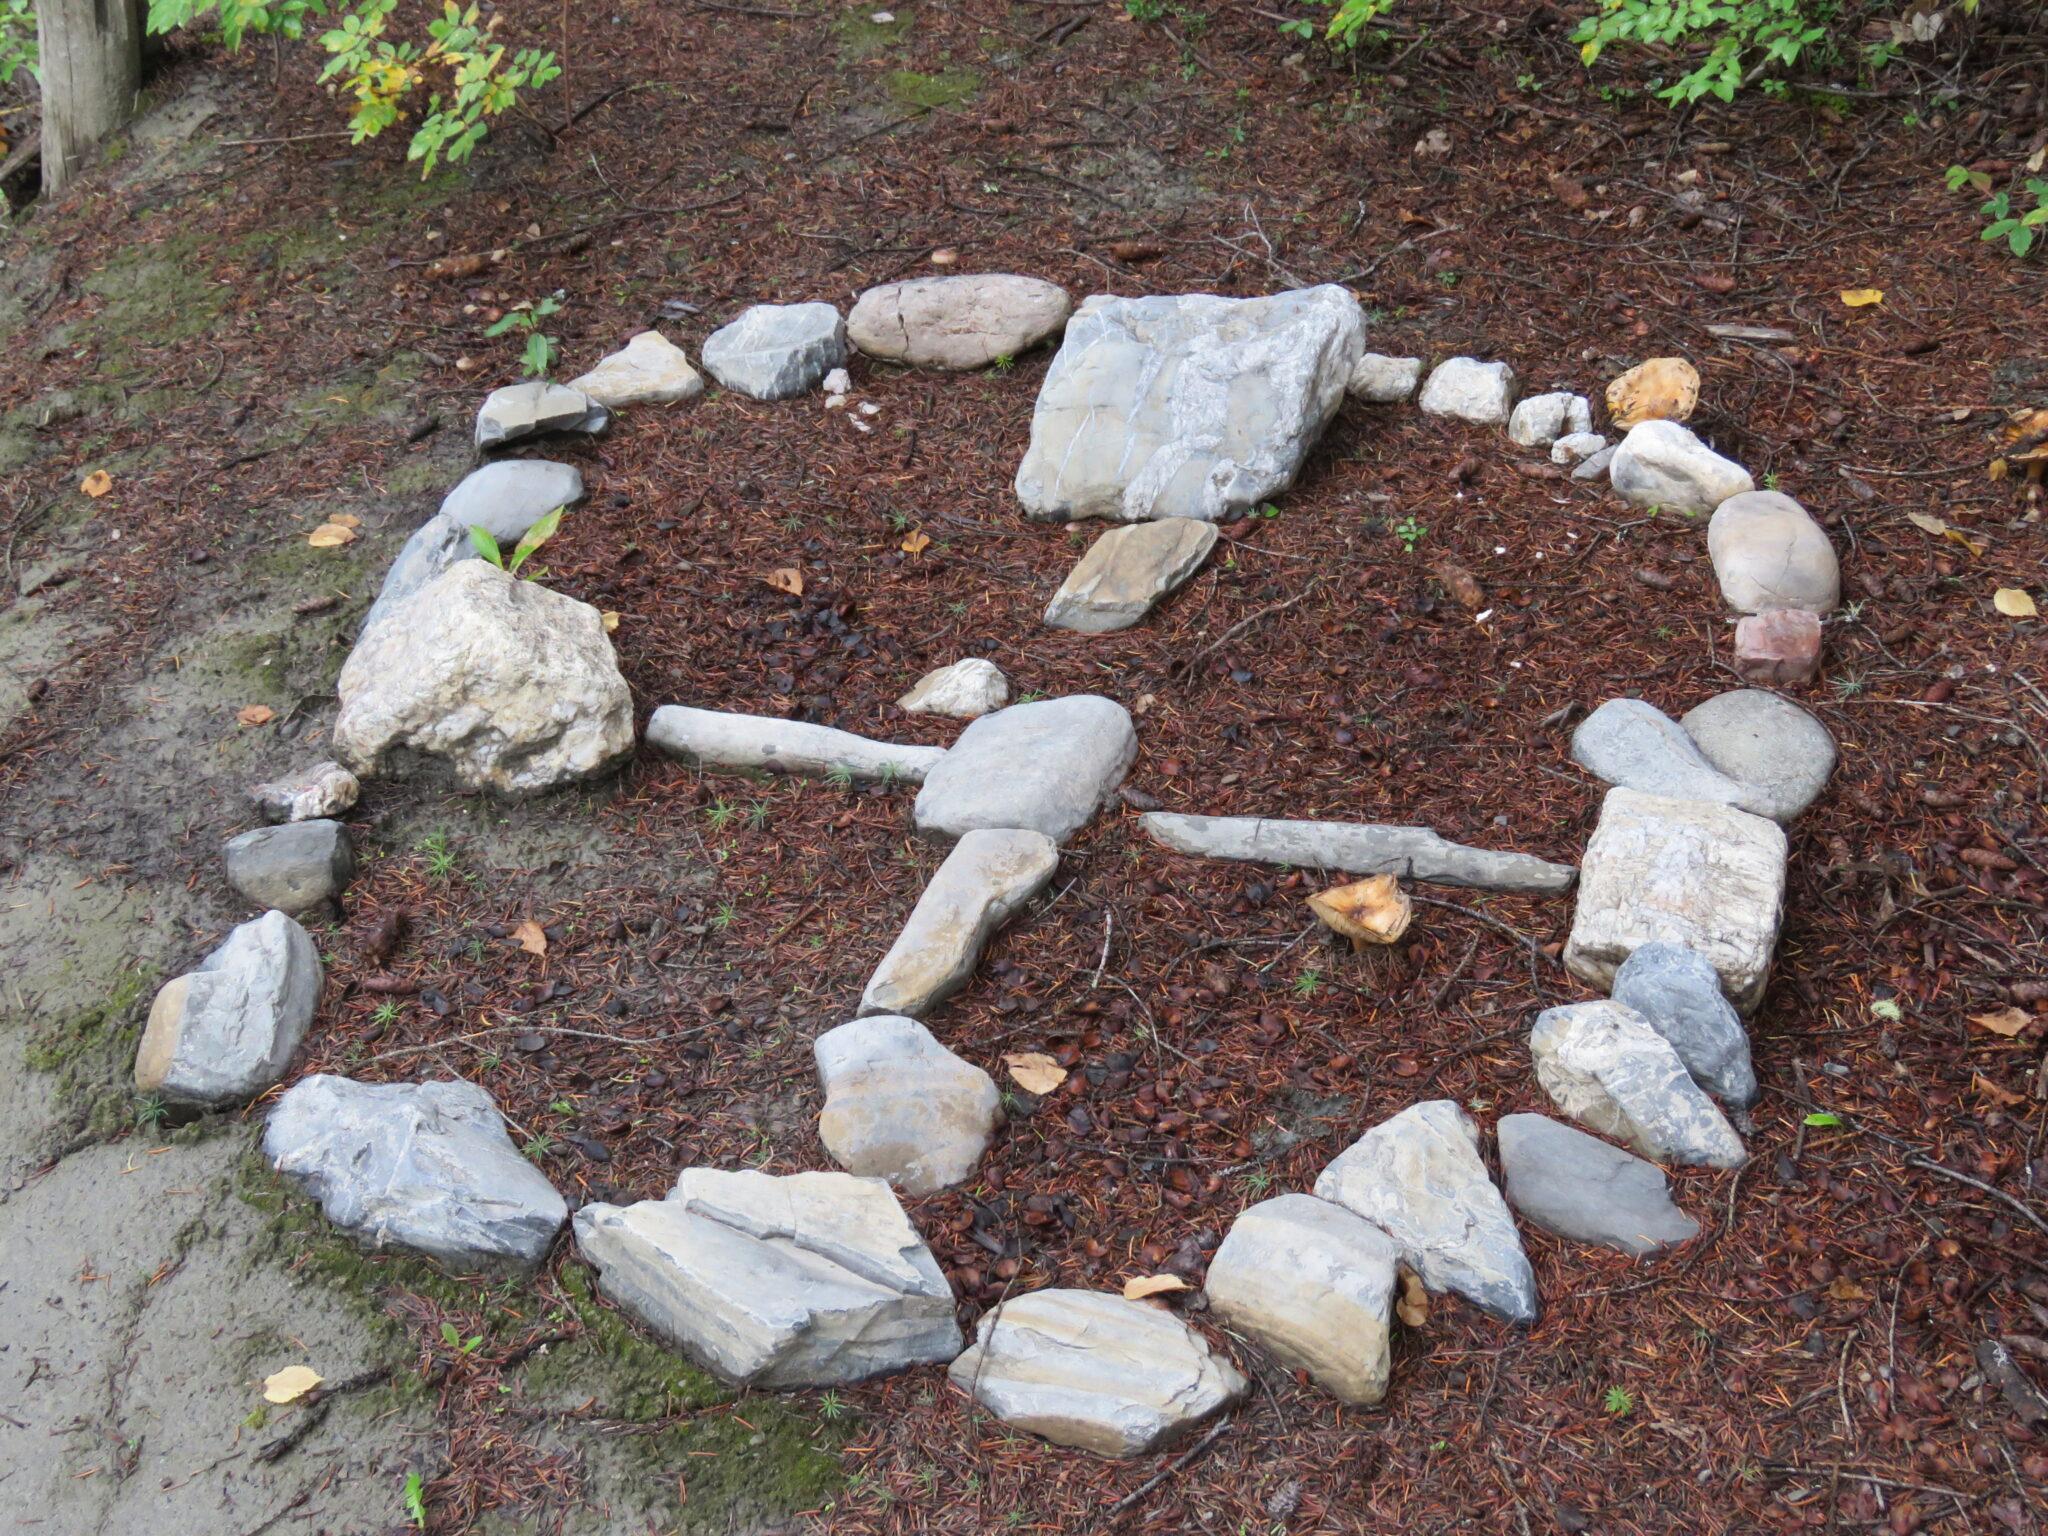 Medizinrad, mit Steinen wird Medizinrad gebildet - West Canada